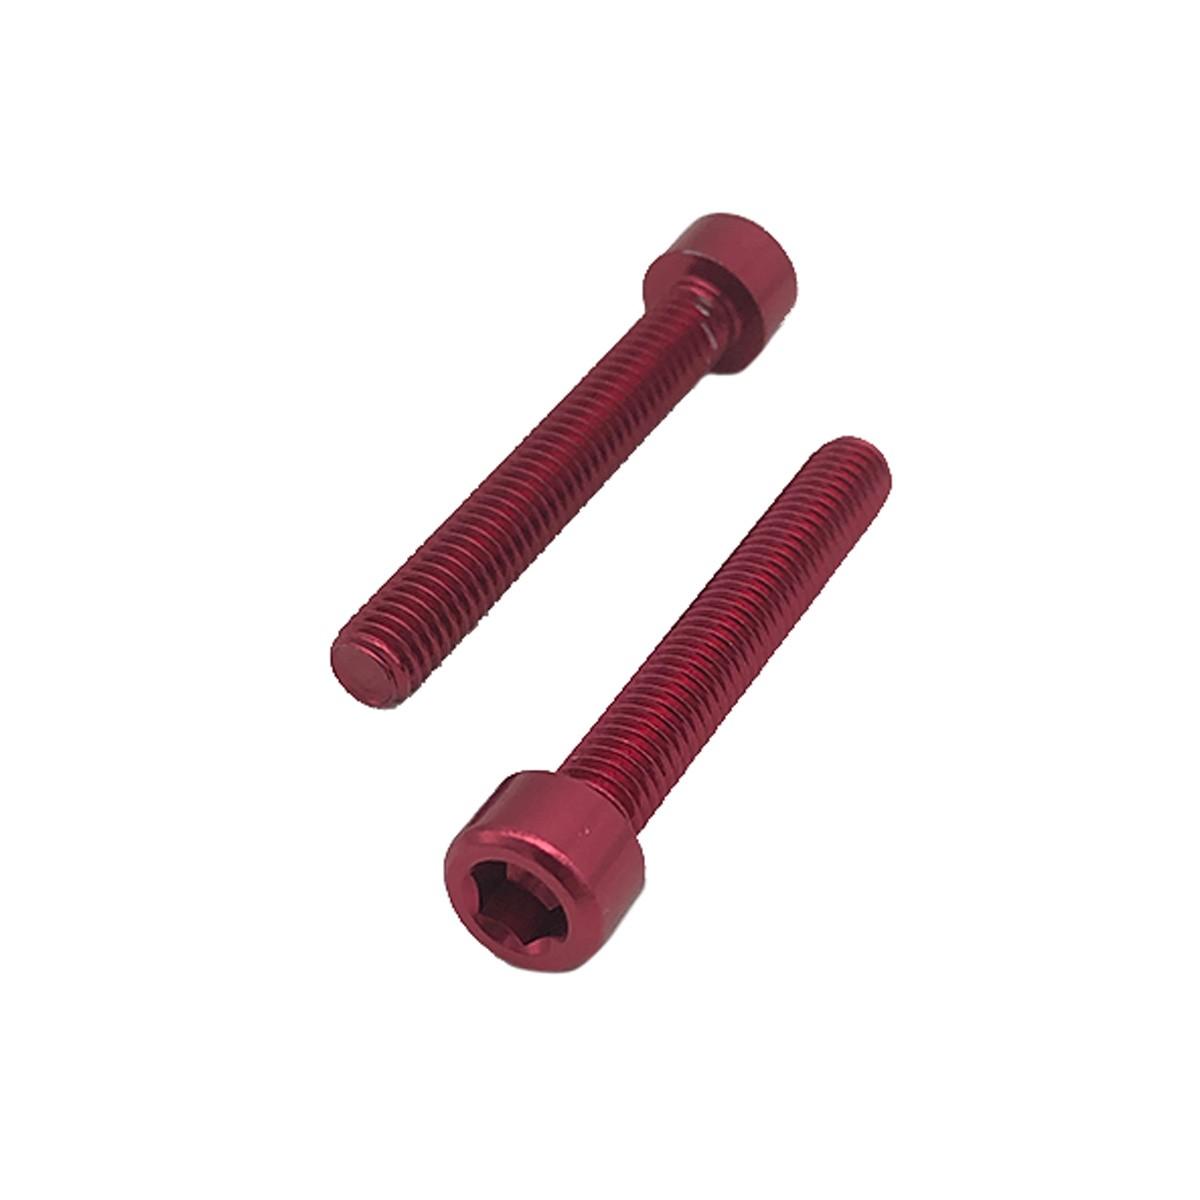 Parafuso Allen de Aluminio Socket Cap M6 x 30mm Vermelho